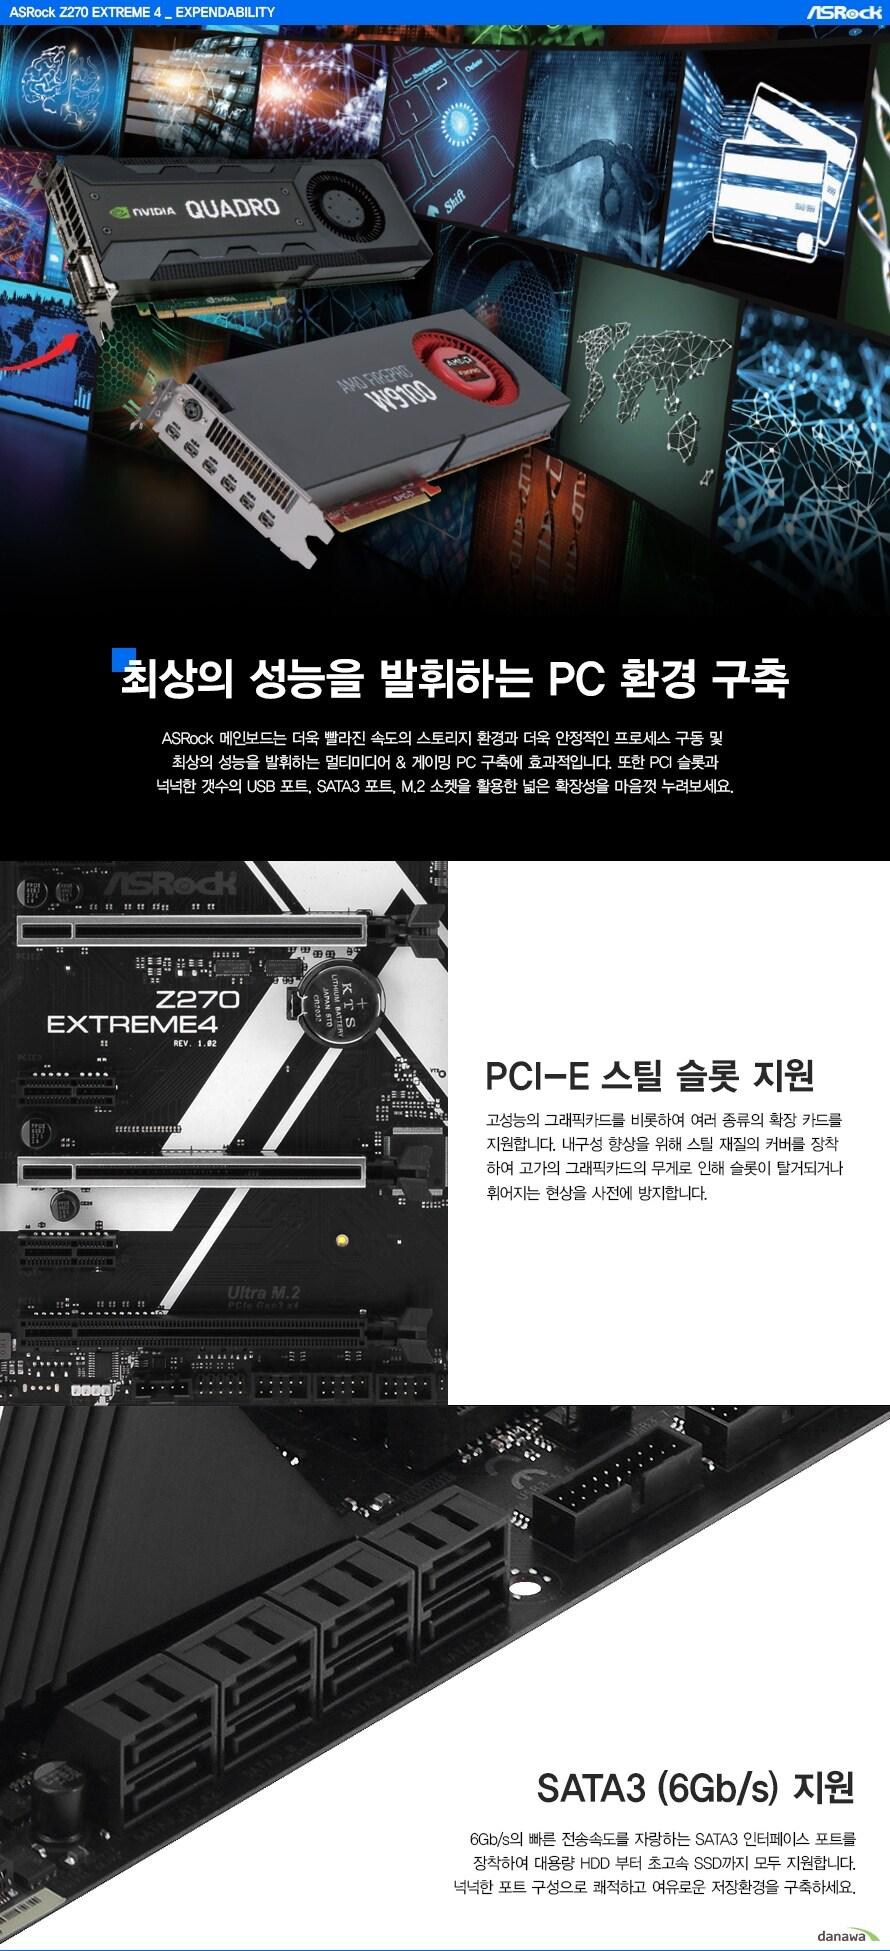 확장성최상의 성능을 발휘하는 PC 환경 구축ASRock 메인보드는 더욱 빨라진 속도의 스토리지 환경과 더욱 안정적인 프로세스 구동 및 최상의 성능을 발휘하는 멀티미디어 & 게이밍 PC 구축에 효과적입니다. 또한 PCI 슬롯과넉넉한 갯수의 USB 포트, SATA3 포트, M.2 소켓을 활용한 넓은 확장성을 마음껏 누려보세요.내장 트리플 모니터 지원다양한 확장 포트를 지원하여 사용자의 편의성을 높였습니다. 내장 D-sub, DVI-D, HDMI 포트로 트리플 모니터를 구성할 수 있습니다. PCI-E 스틸 슬롯 지원고성능의 그래픽카드를 비롯하여 여러 종류의 확장 카드를 지원합니다. 내구성 향상을 위해 스틸 재질의 커버를 장착하여 고가의 그래픽카드의 무게로 인해 슬롯이 탈거되거나 휘어지는 현상을 사전에 방지합니다.SATA3 (6Gb/s) 지원6Gb/s의 빠른 전송속도를 자랑하는 SATA3 인터페이스 포트를장착하여 대용량 HDD 부터 초고속 SSD까지 모두 지원합니다. 넉넉한 포트 구성으로 쾌적하고 여유로운 저장환경을 구축하세요.